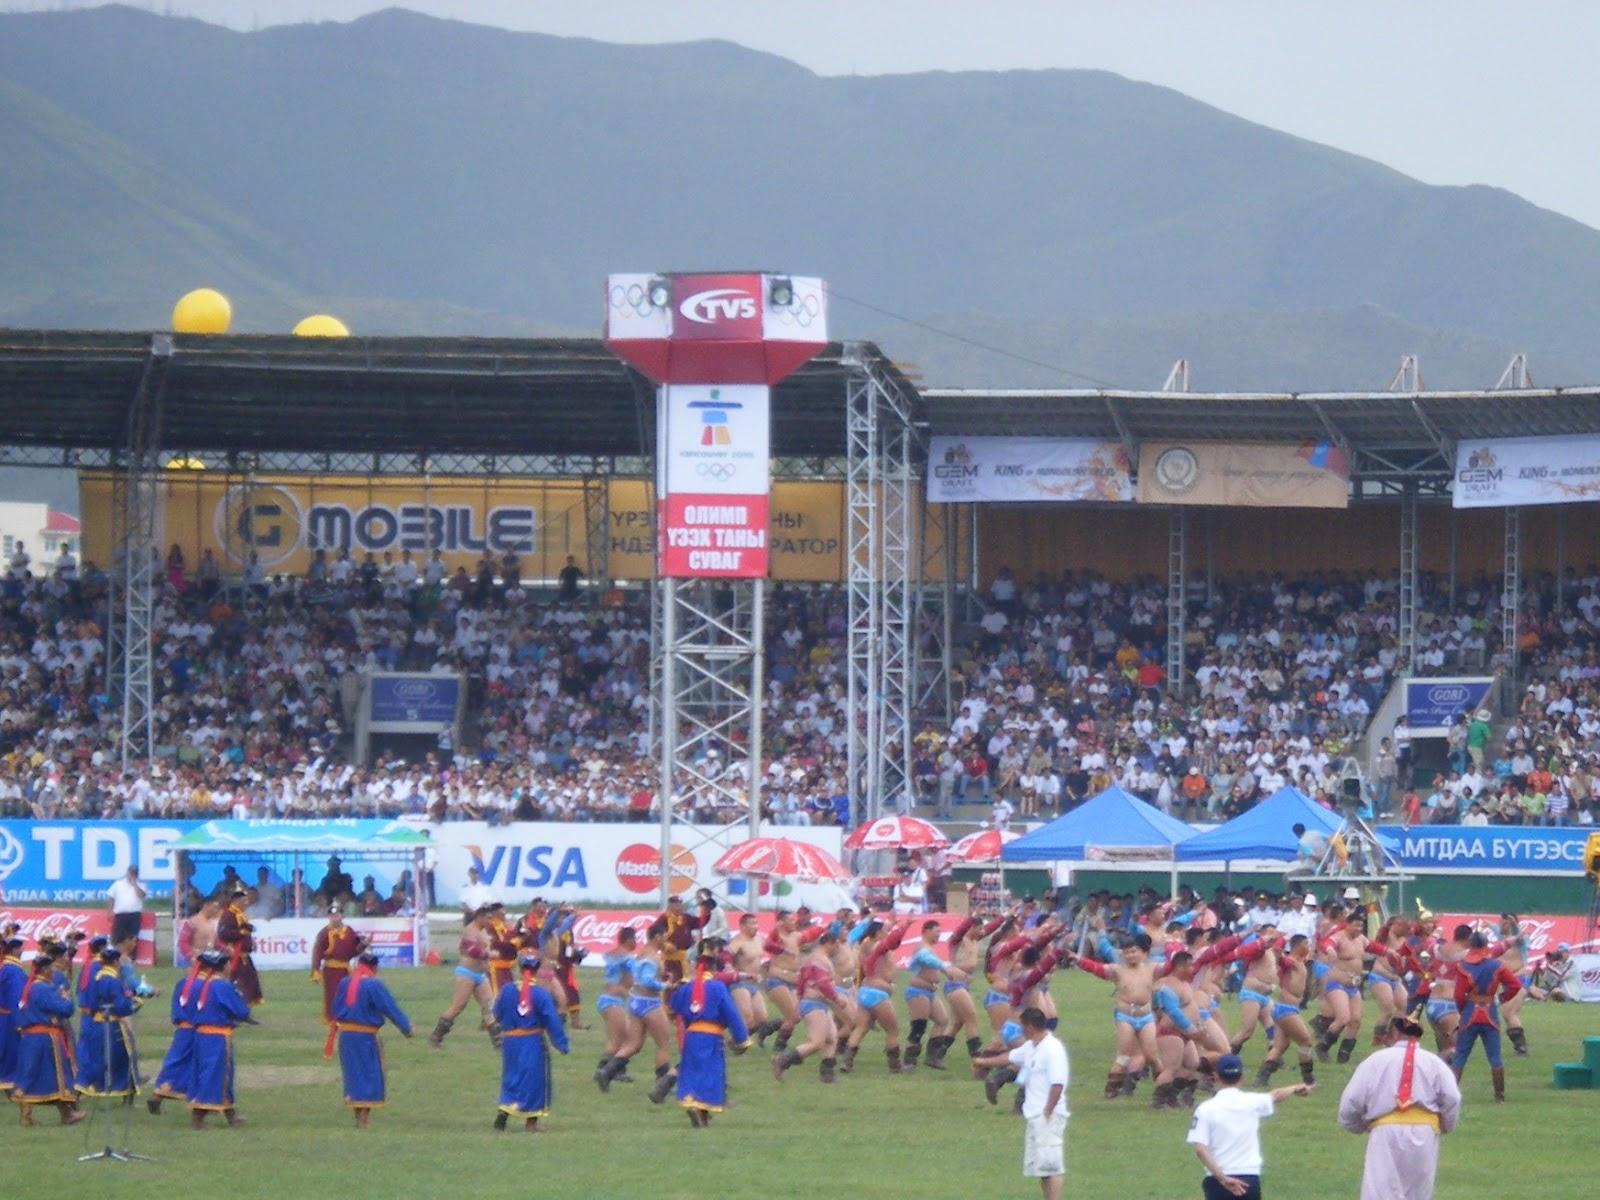 Naadam festival in Ulaanbaatar at the National Sports Stadium